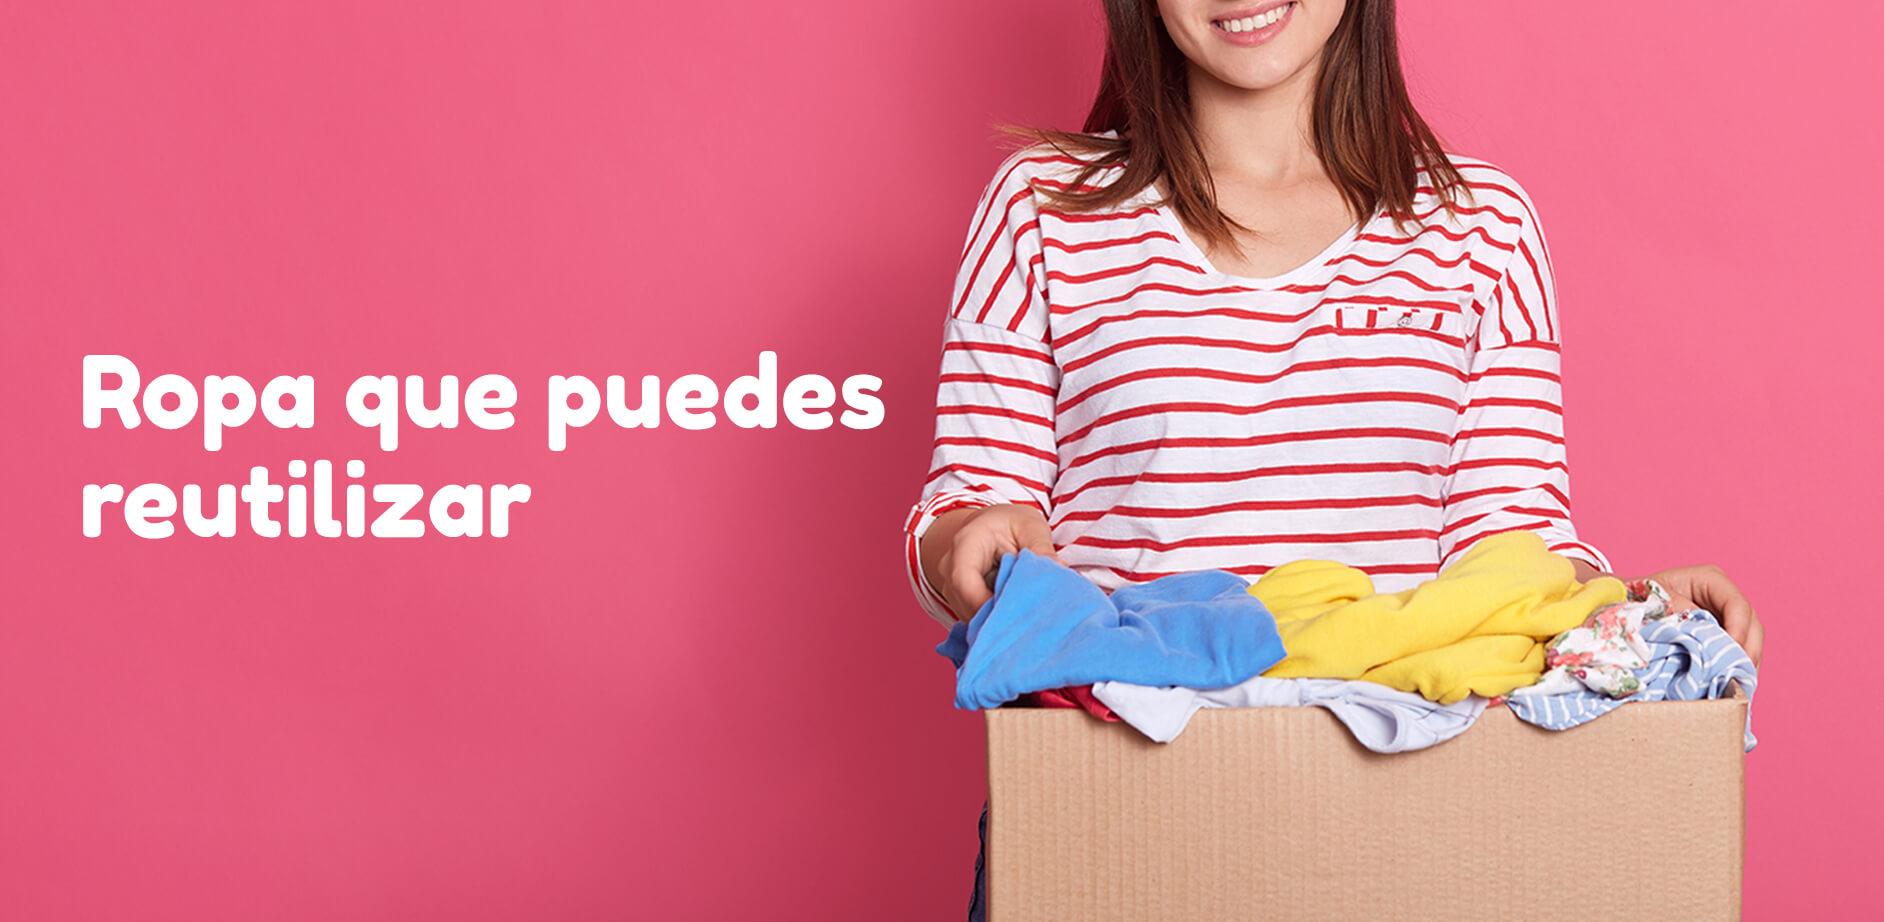 ropa-que-puedes-reutilizar